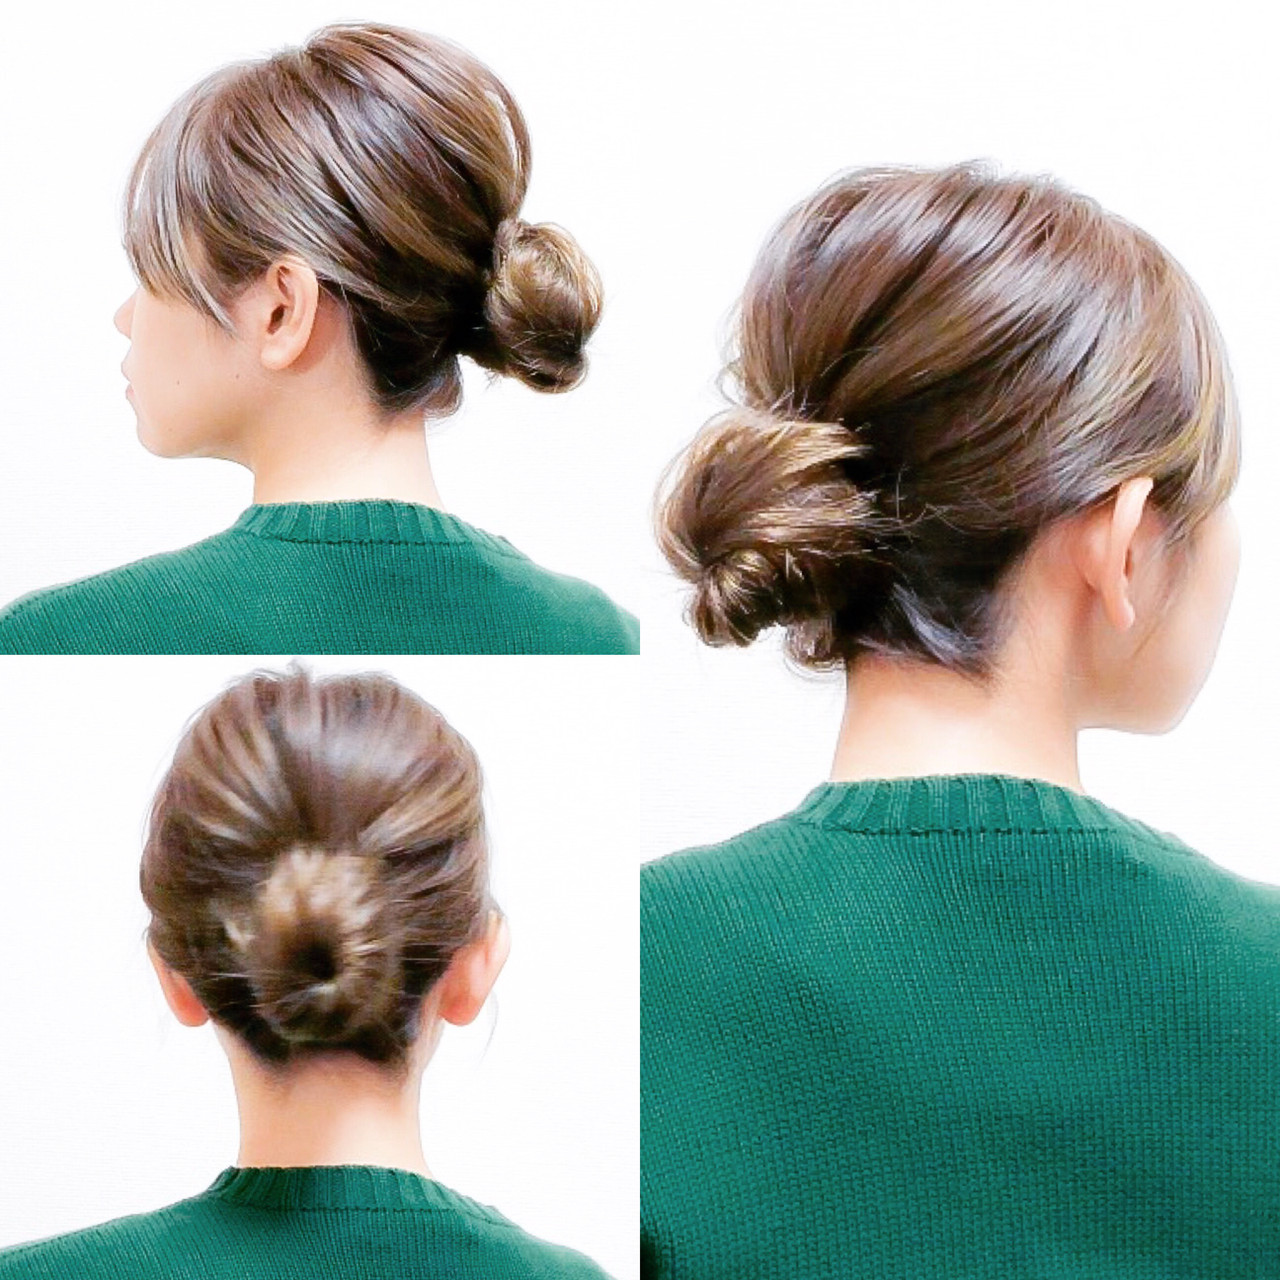 デート オフィス フェミニン ヘアアレンジ ヘアスタイルや髪型の写真・画像